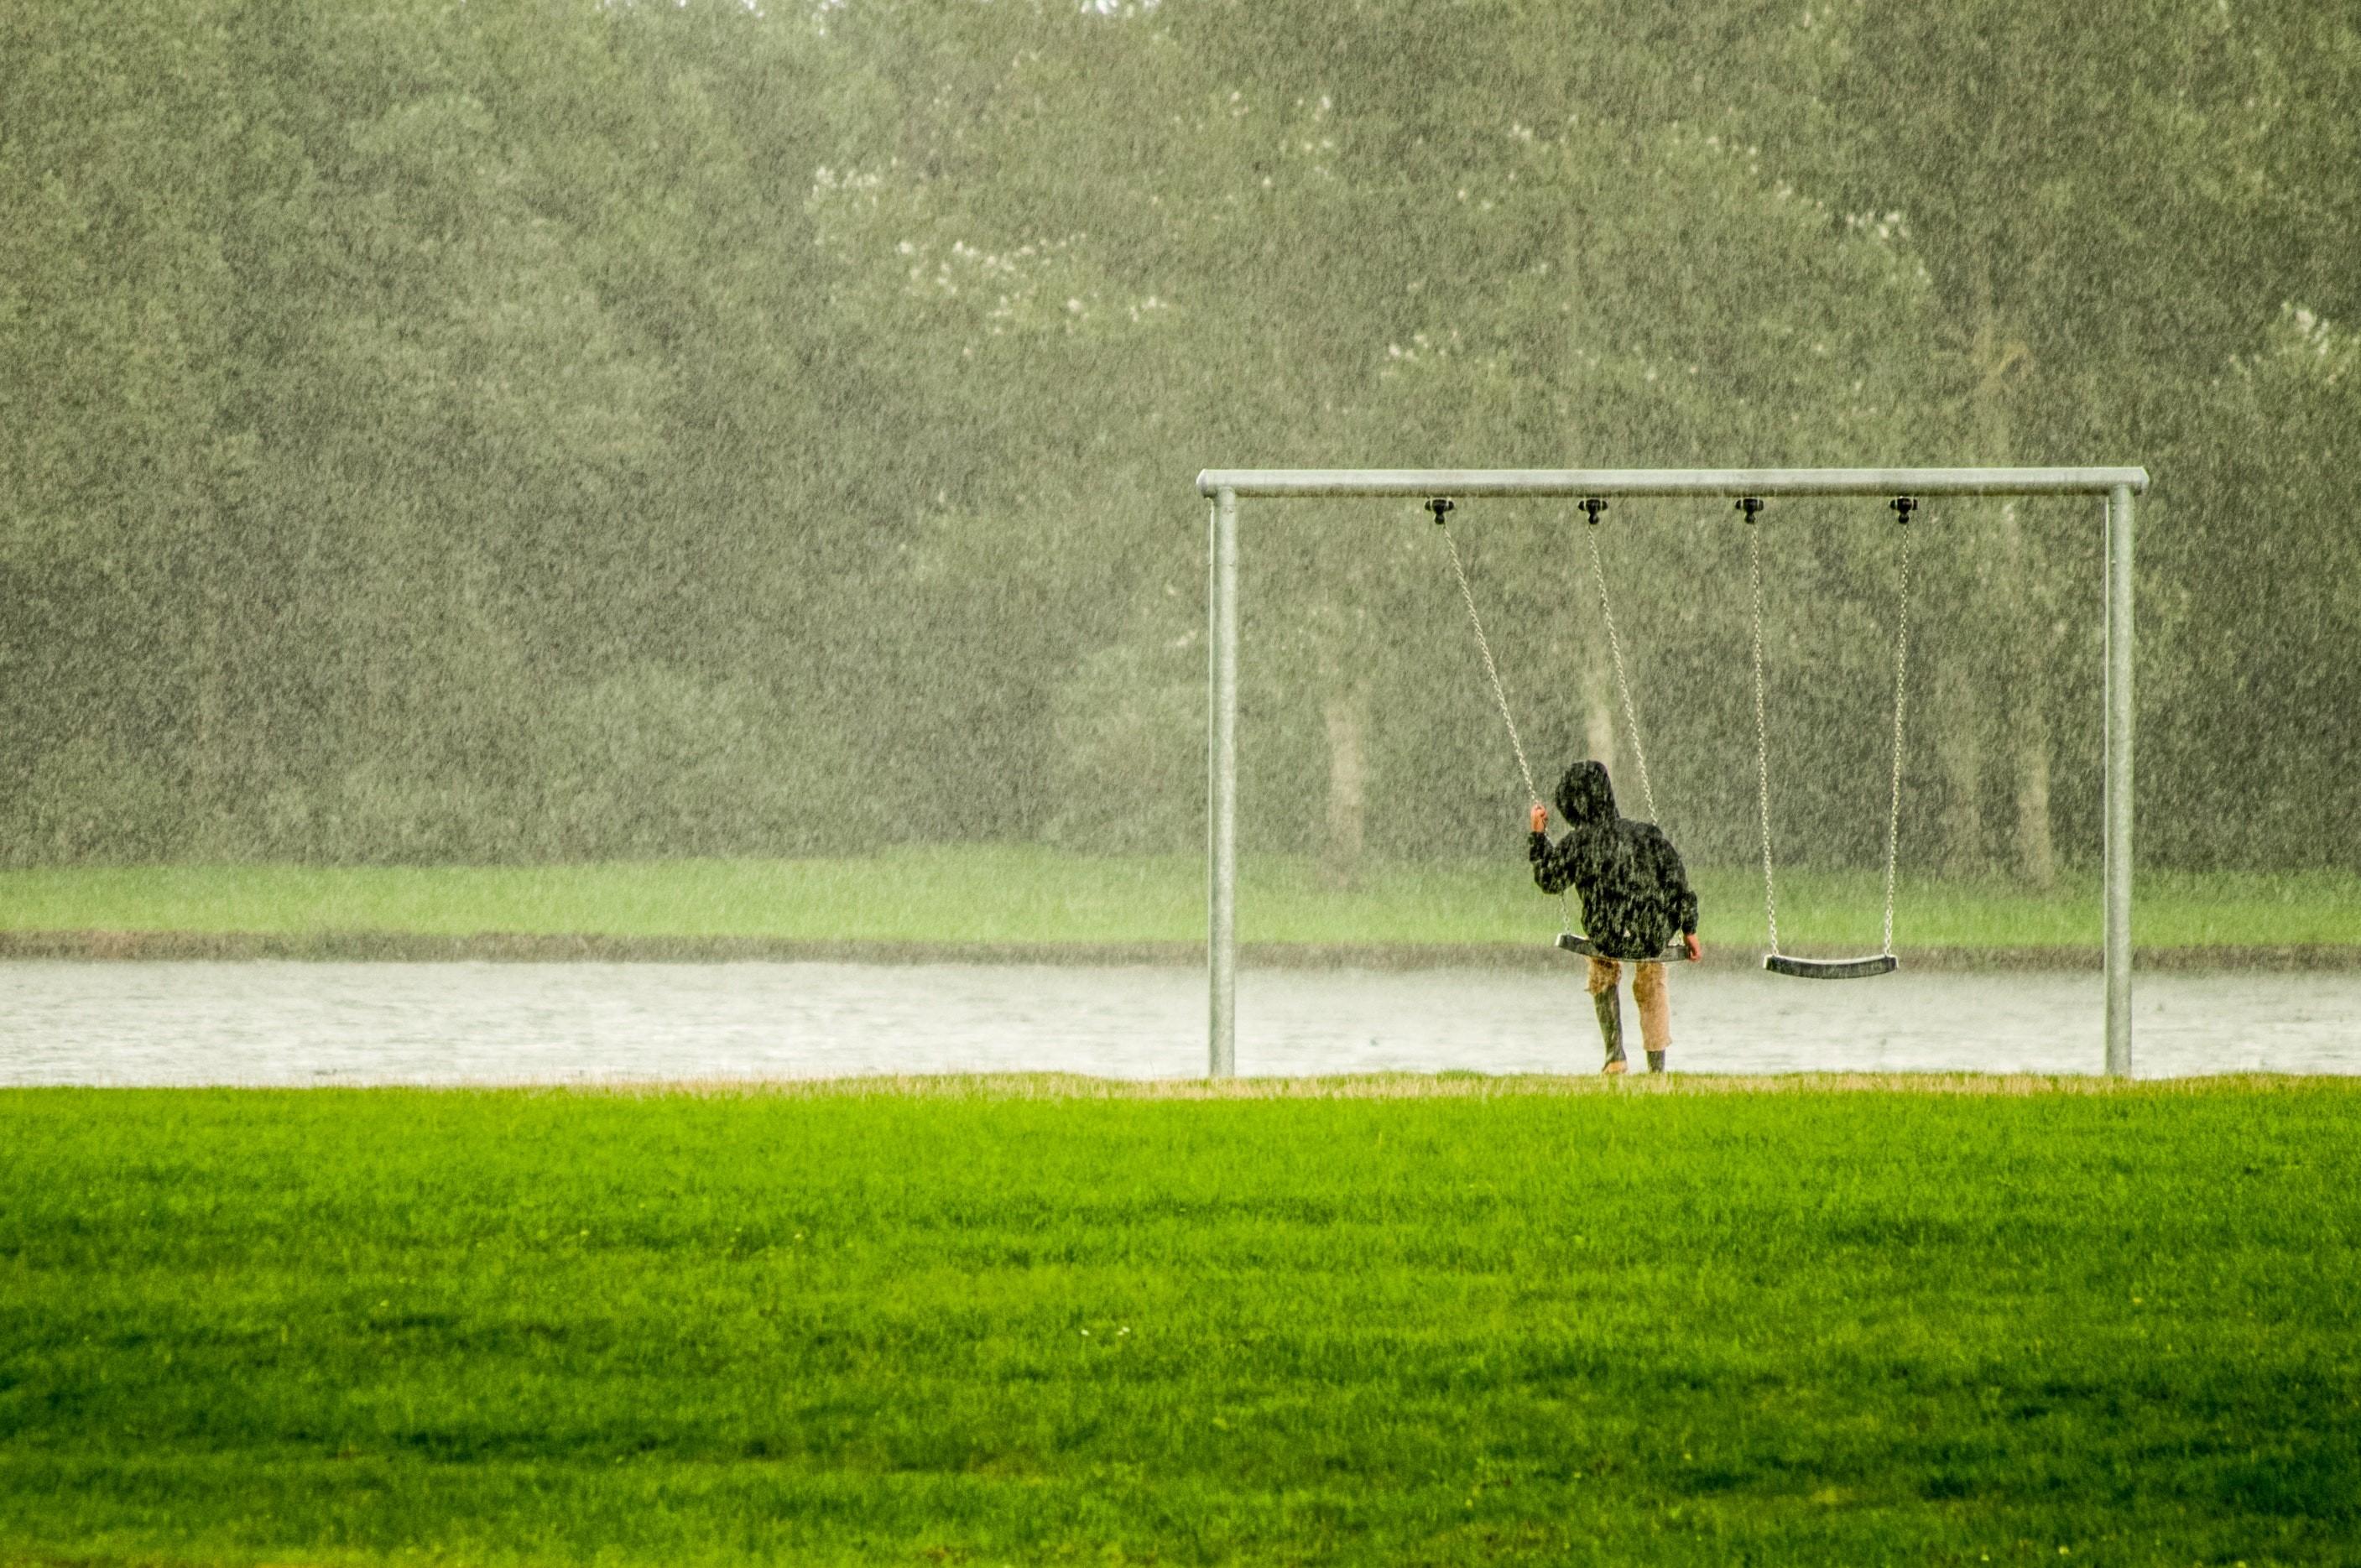 Criança toma chuva no parque enquanto brinca no balanço (Foto: Skitterphoto/Pexels)